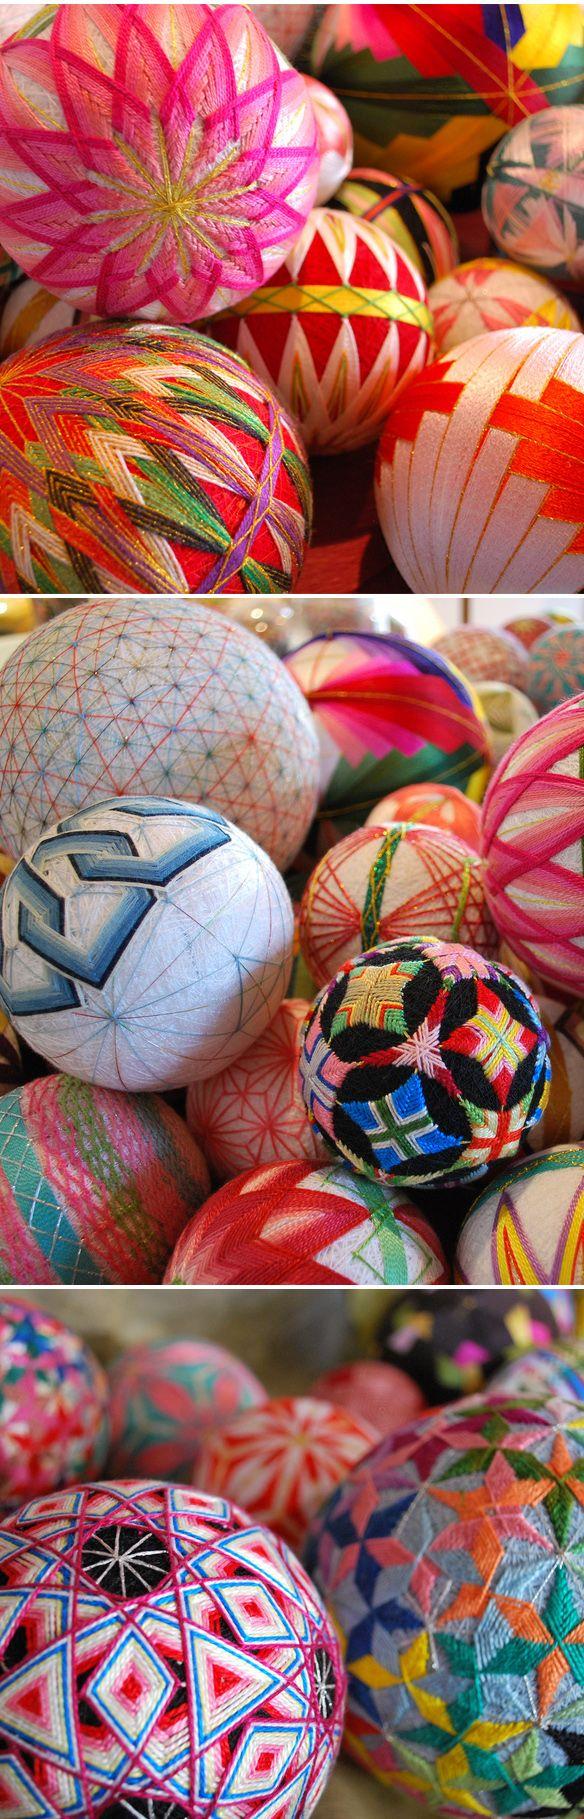 Nana Akua's grandmother - temari balls <3